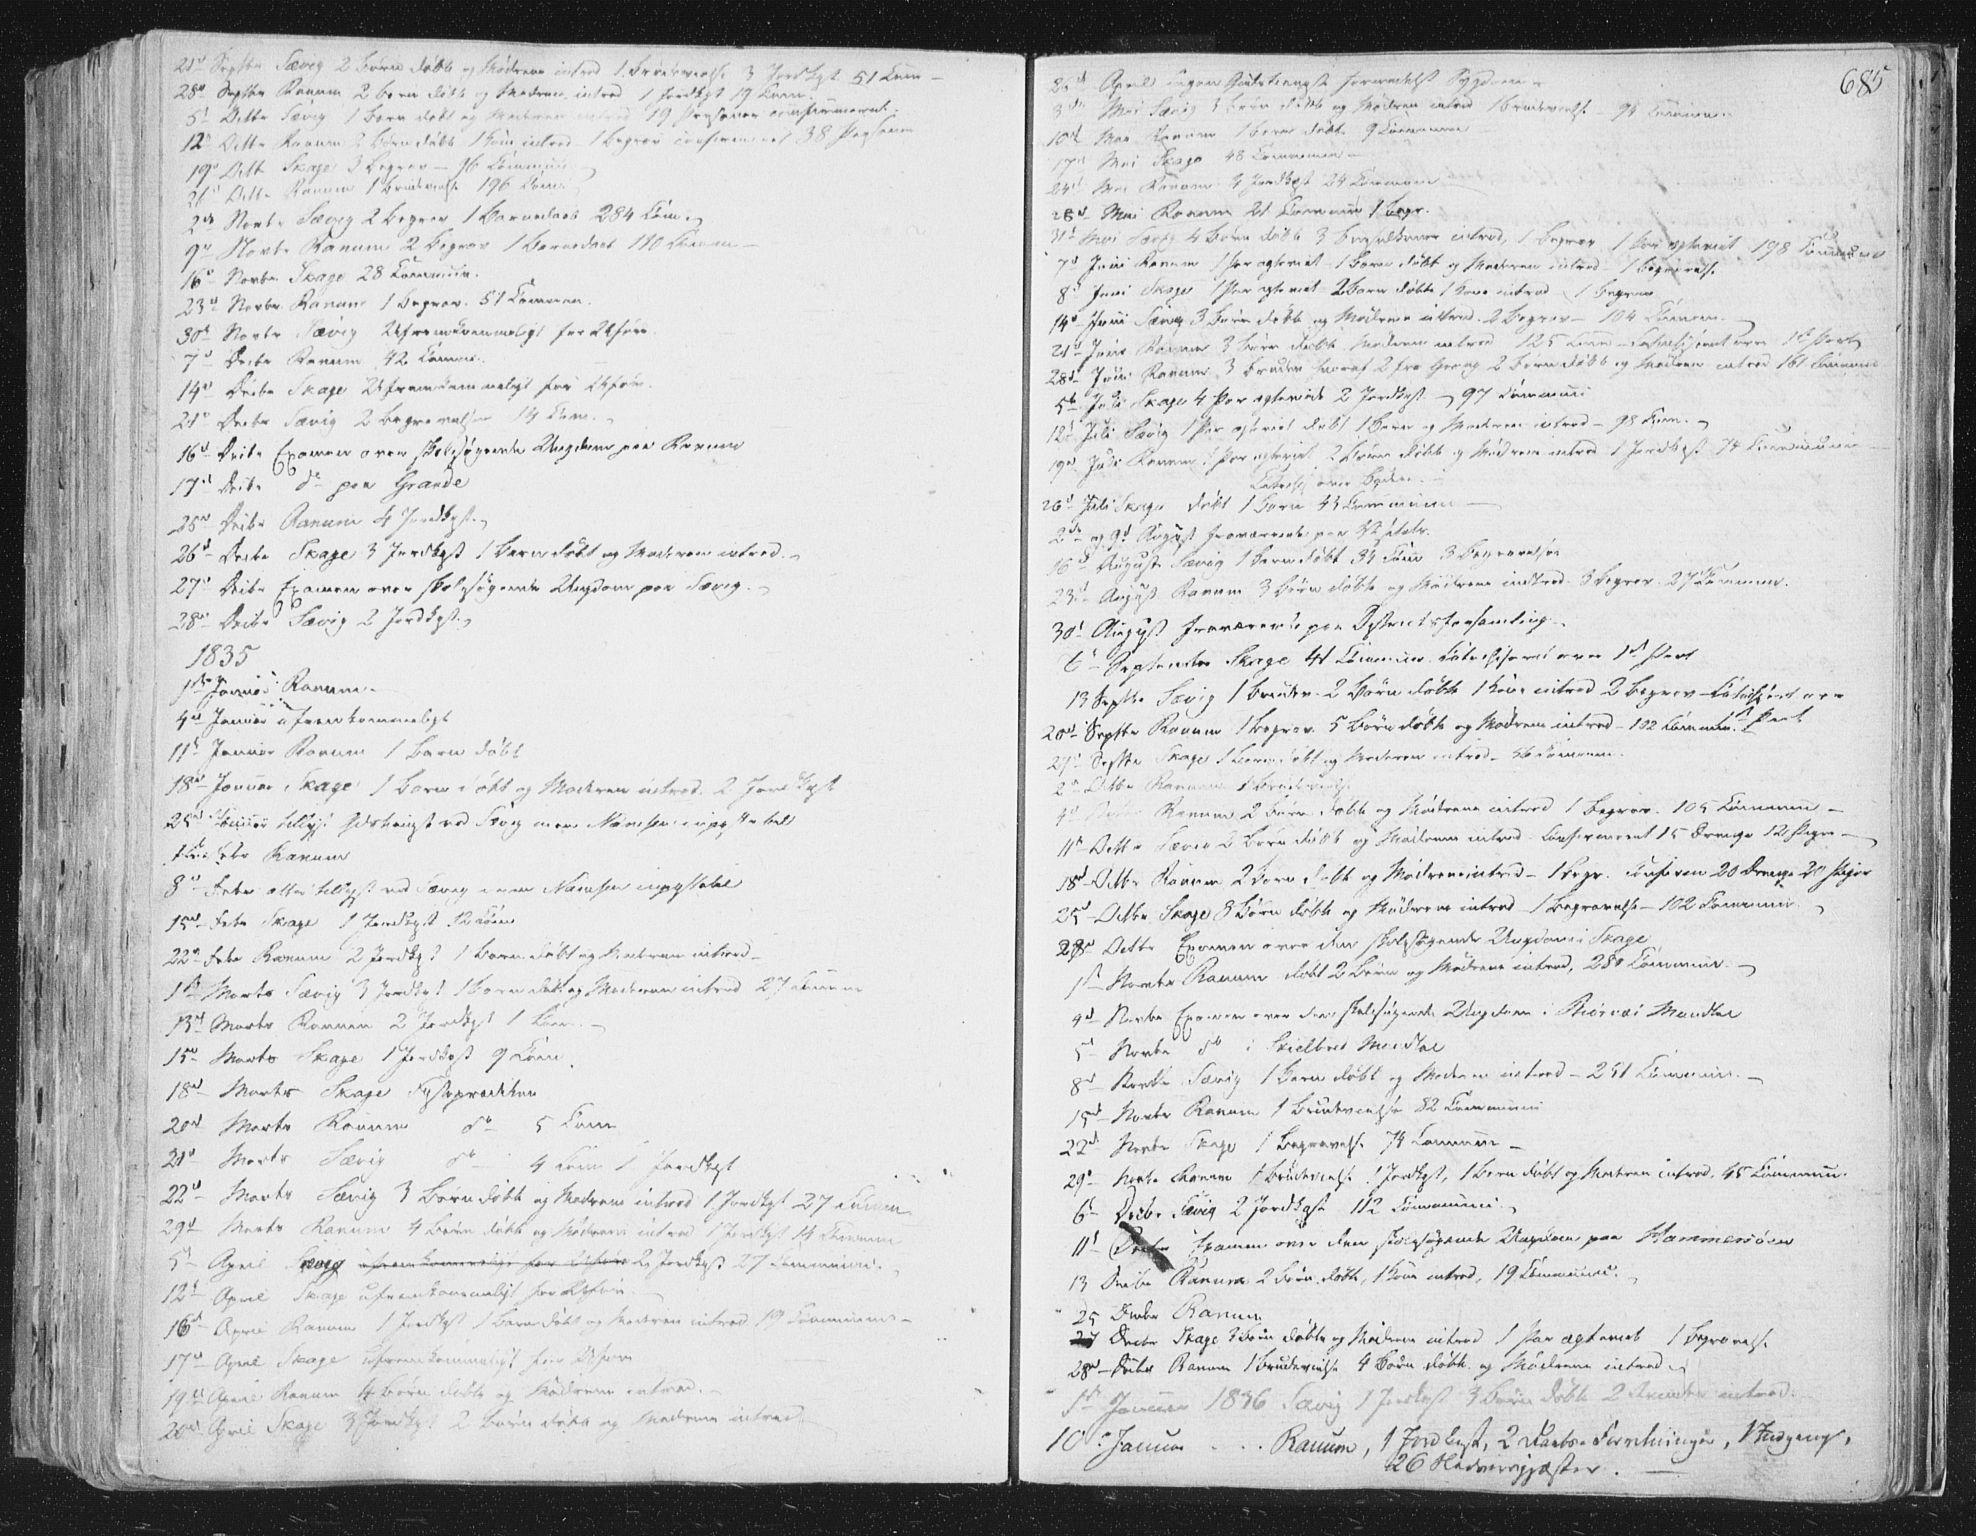 SAT, Ministerialprotokoller, klokkerbøker og fødselsregistre - Nord-Trøndelag, 764/L0552: Ministerialbok nr. 764A07b, 1824-1865, s. 685